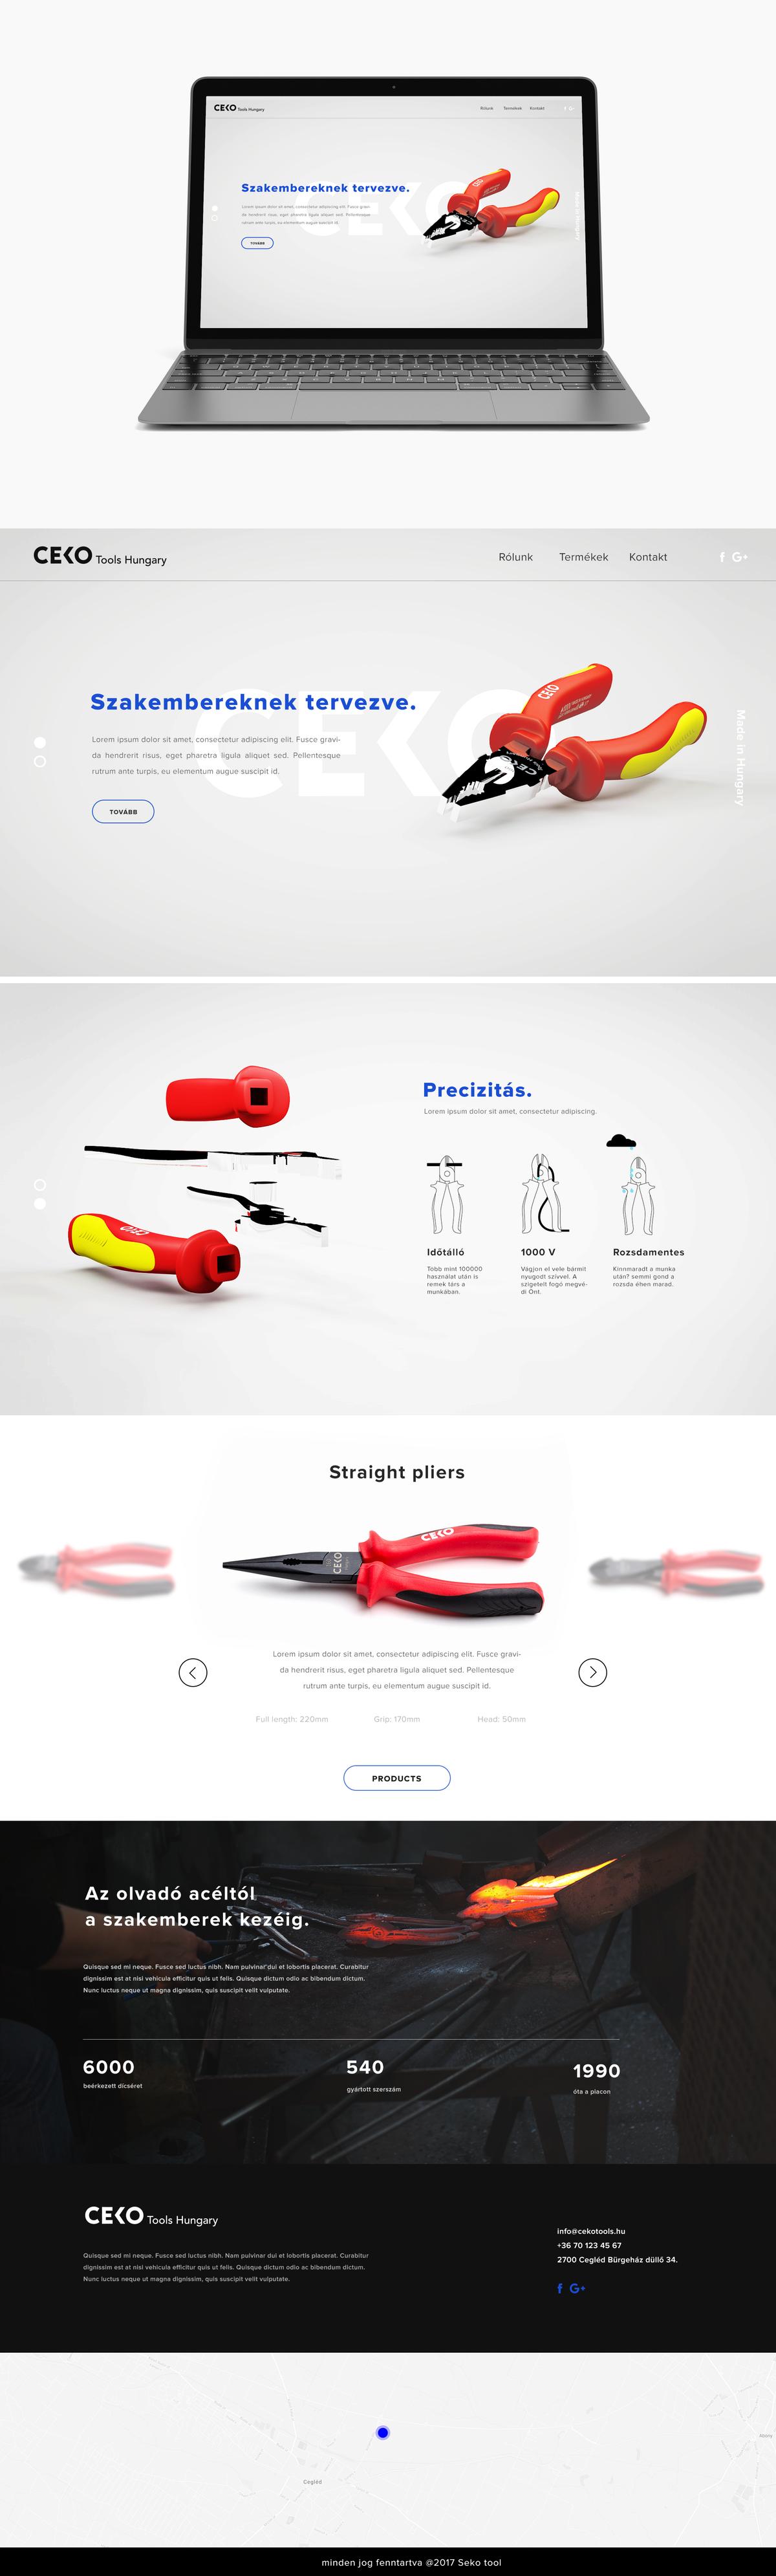 Hand tool website